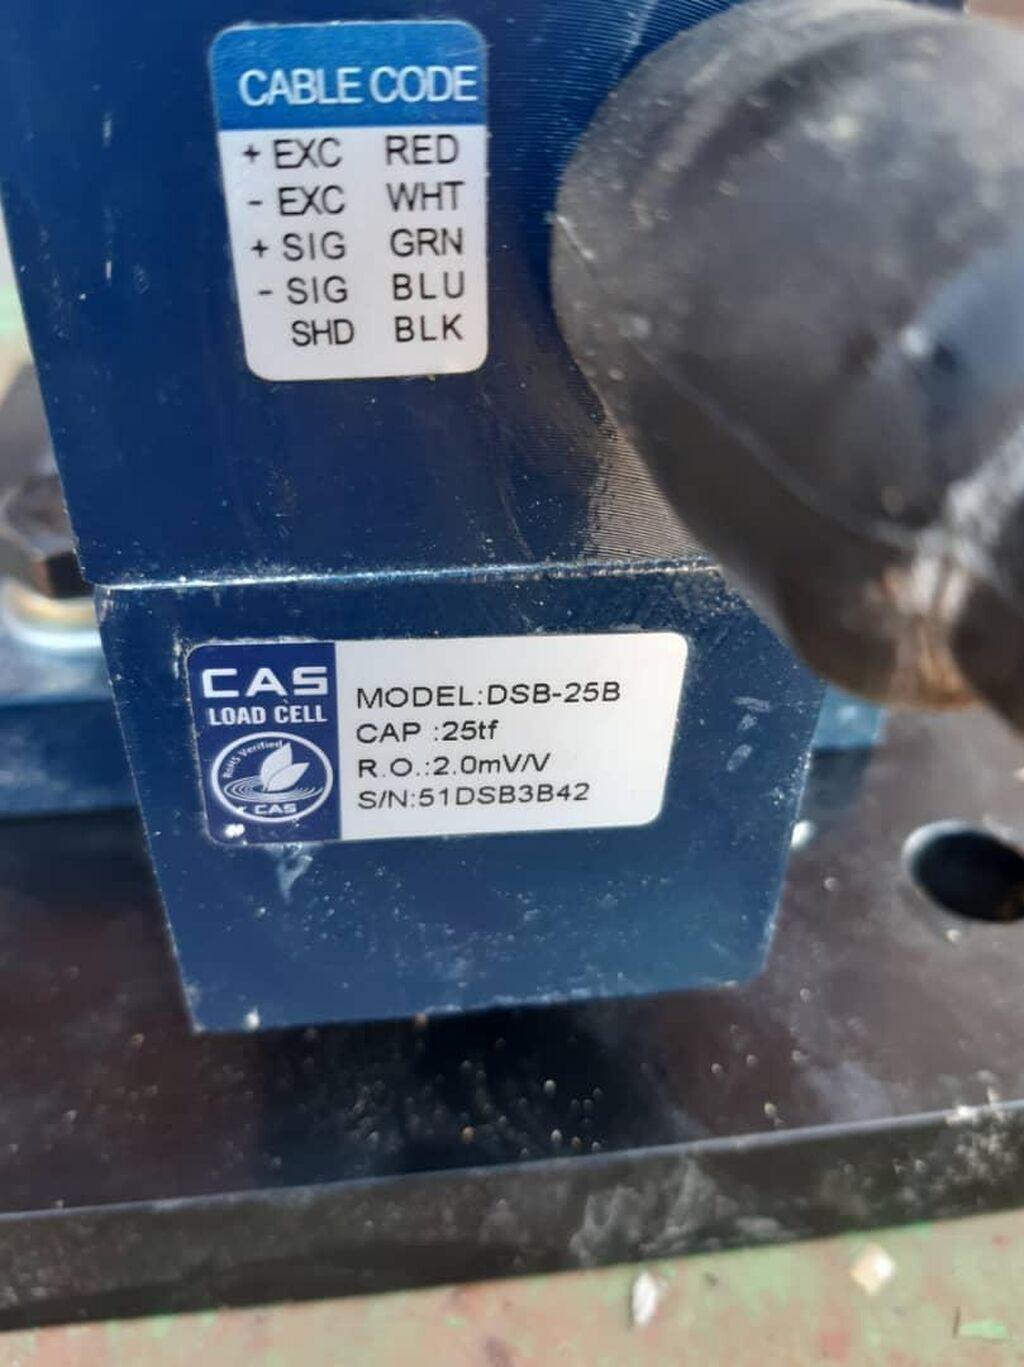 Тензодатчики для грузовых машин по 25 тонн,весы ,производство Корея,по вопросам приобретения Прошу звонить